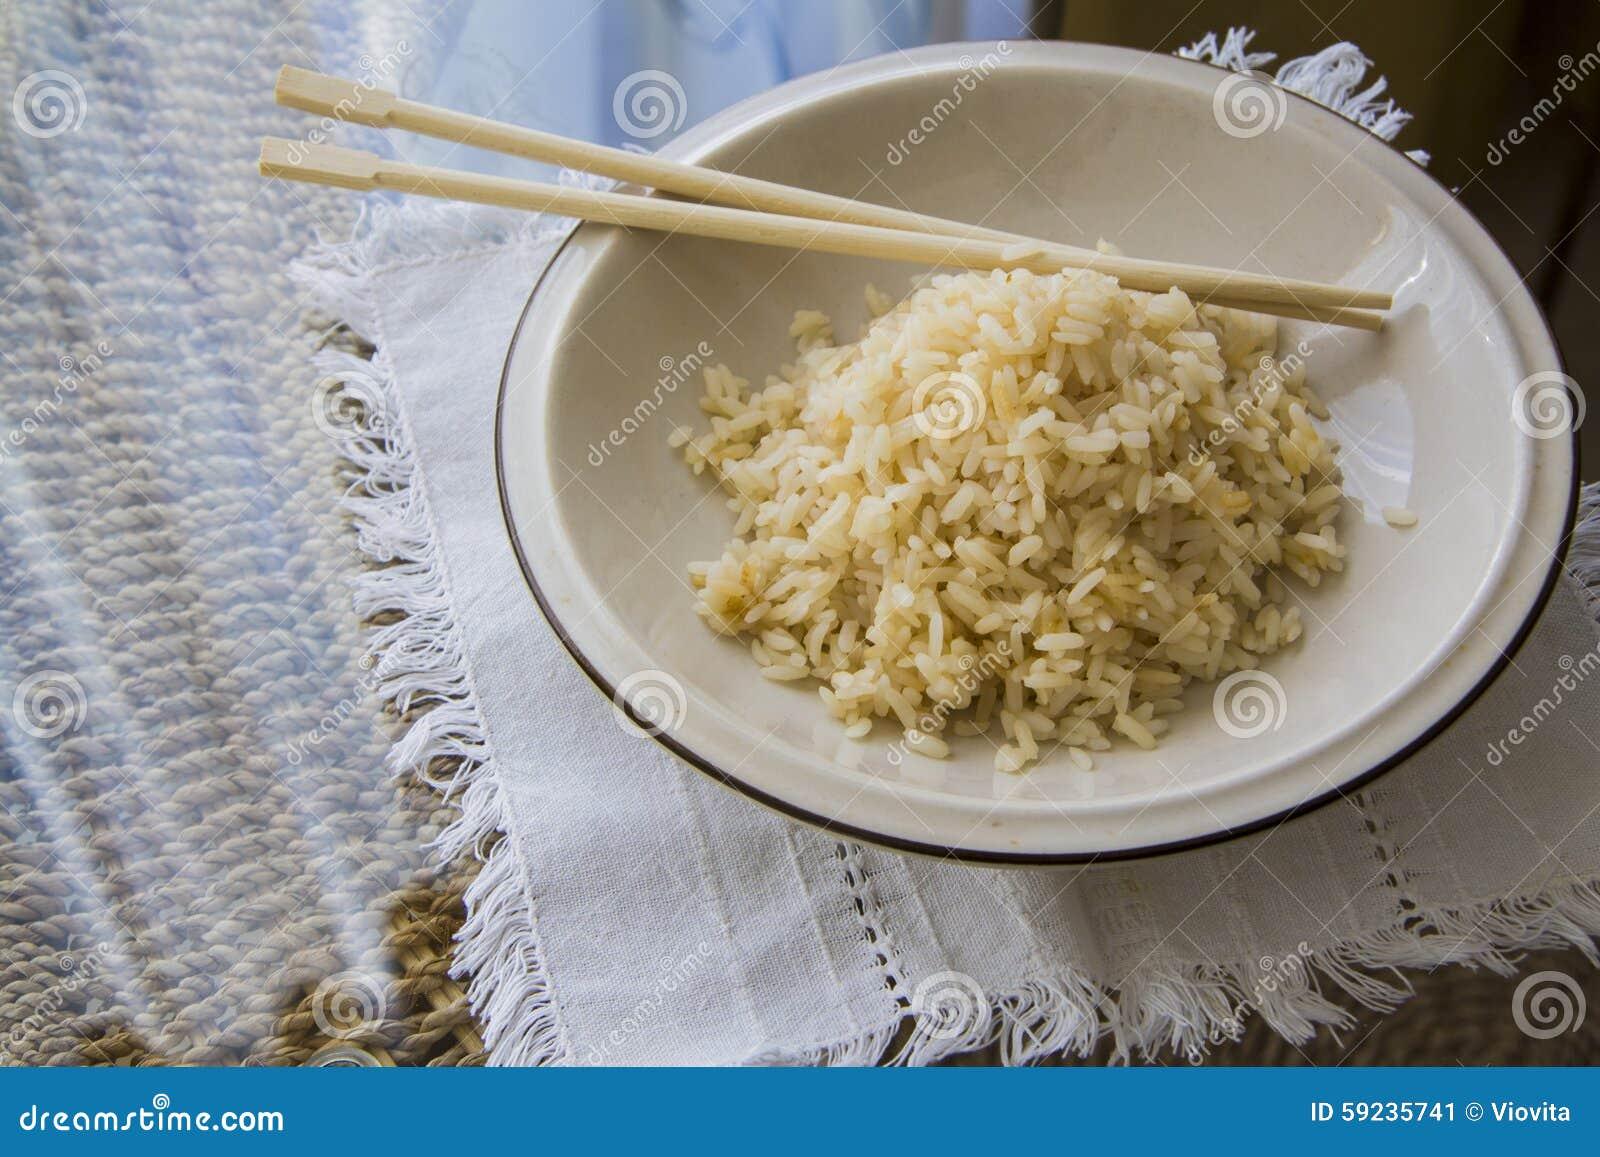 Download Comida Japonesa: Cocinar El Arroz Sano Imagen de archivo - Imagen de cooking, sano: 59235741